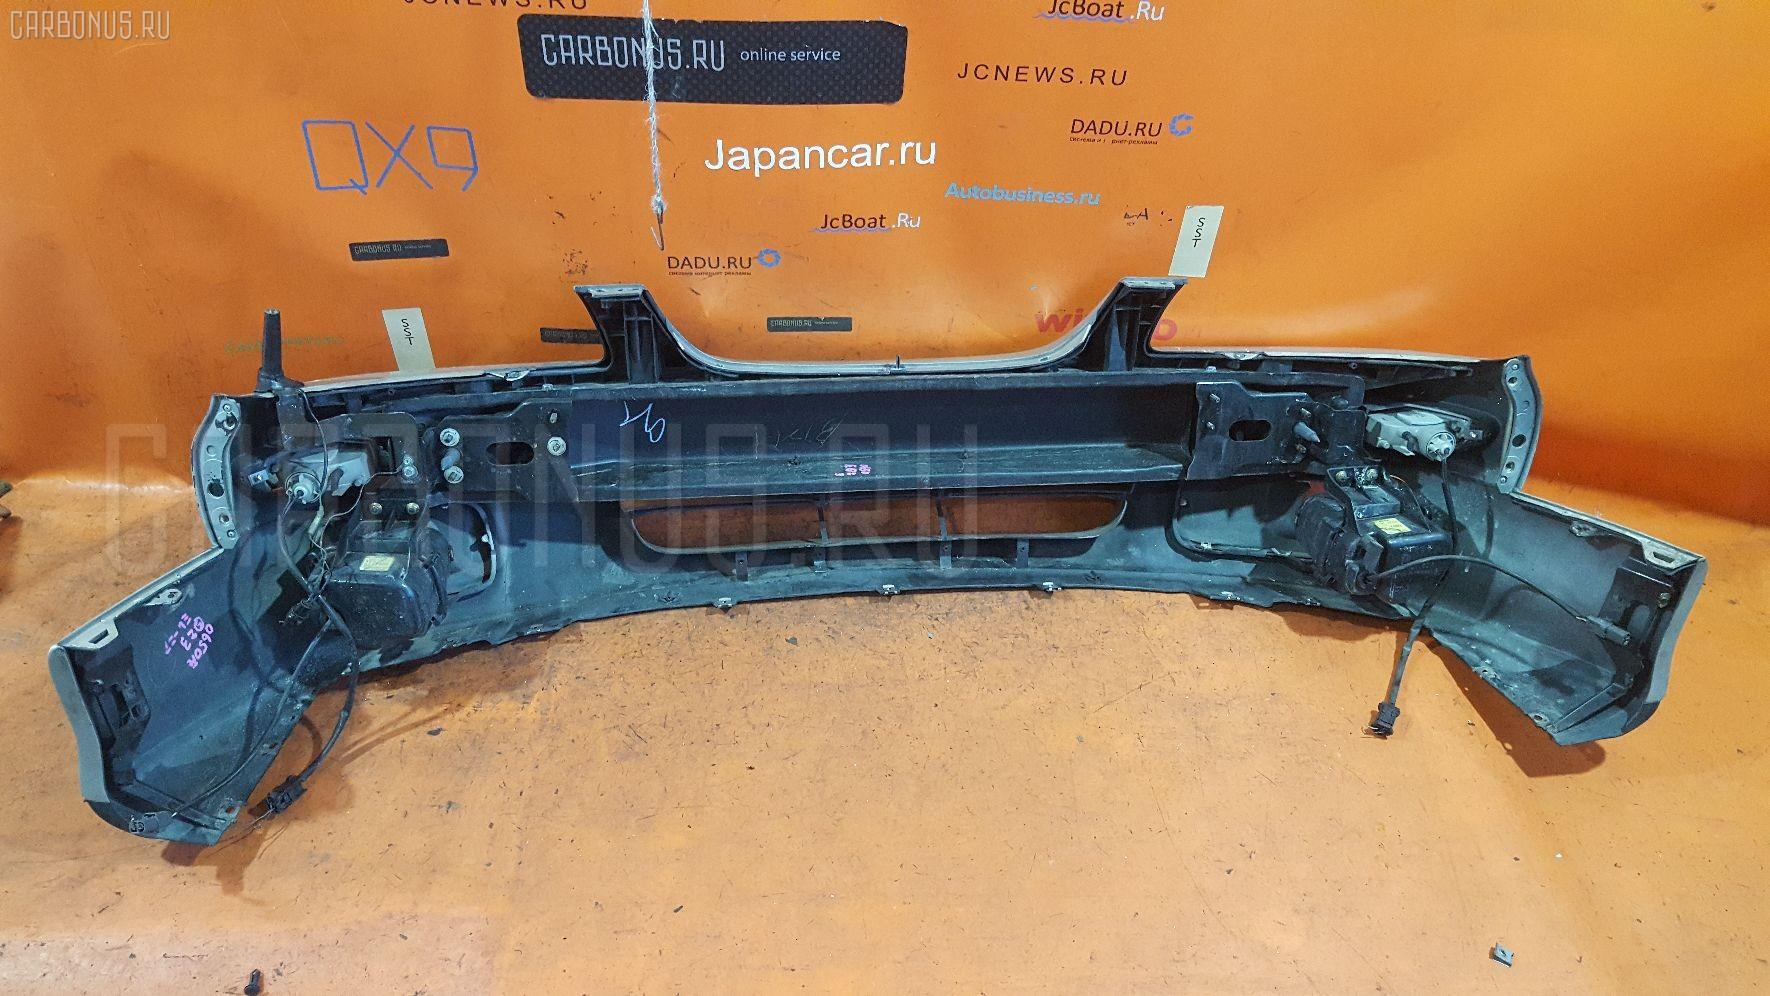 Бампер 045-4107 на Mazda Eunos 800 TA5P Фото 1